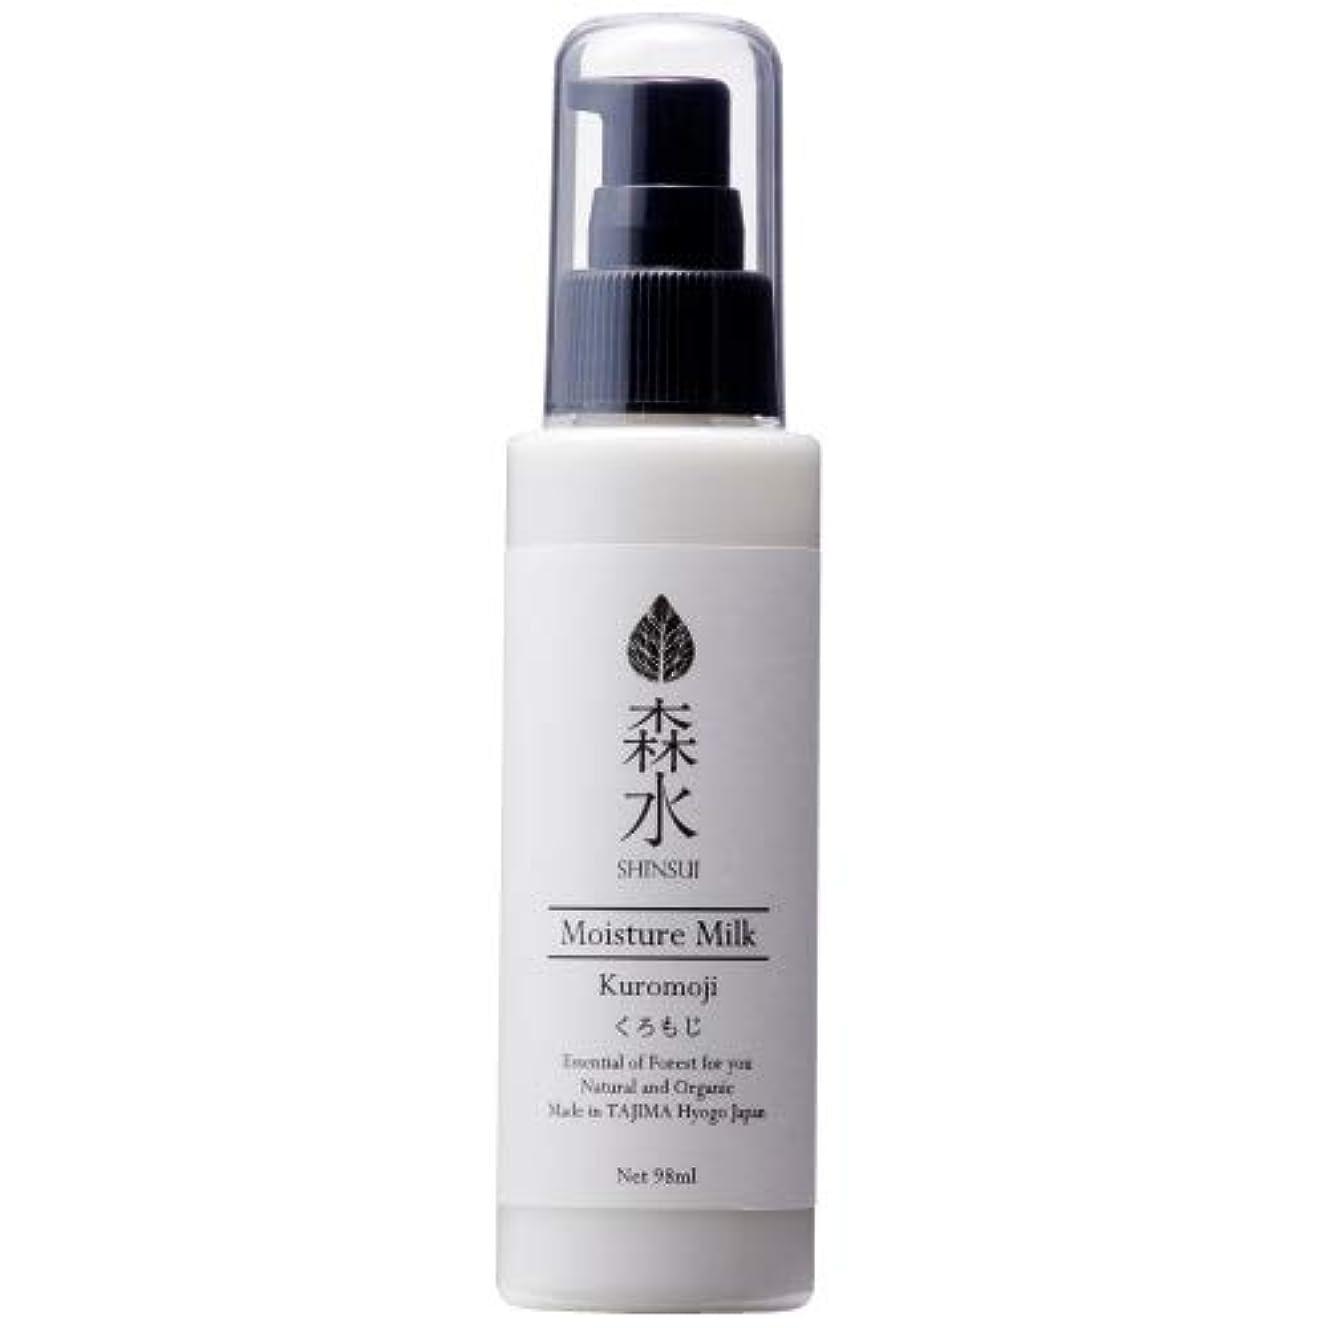 毎年理想的補助森水-SHINSUI シンスイ-くろもじ乳液(Kuromoji Moisture Milk)98ml